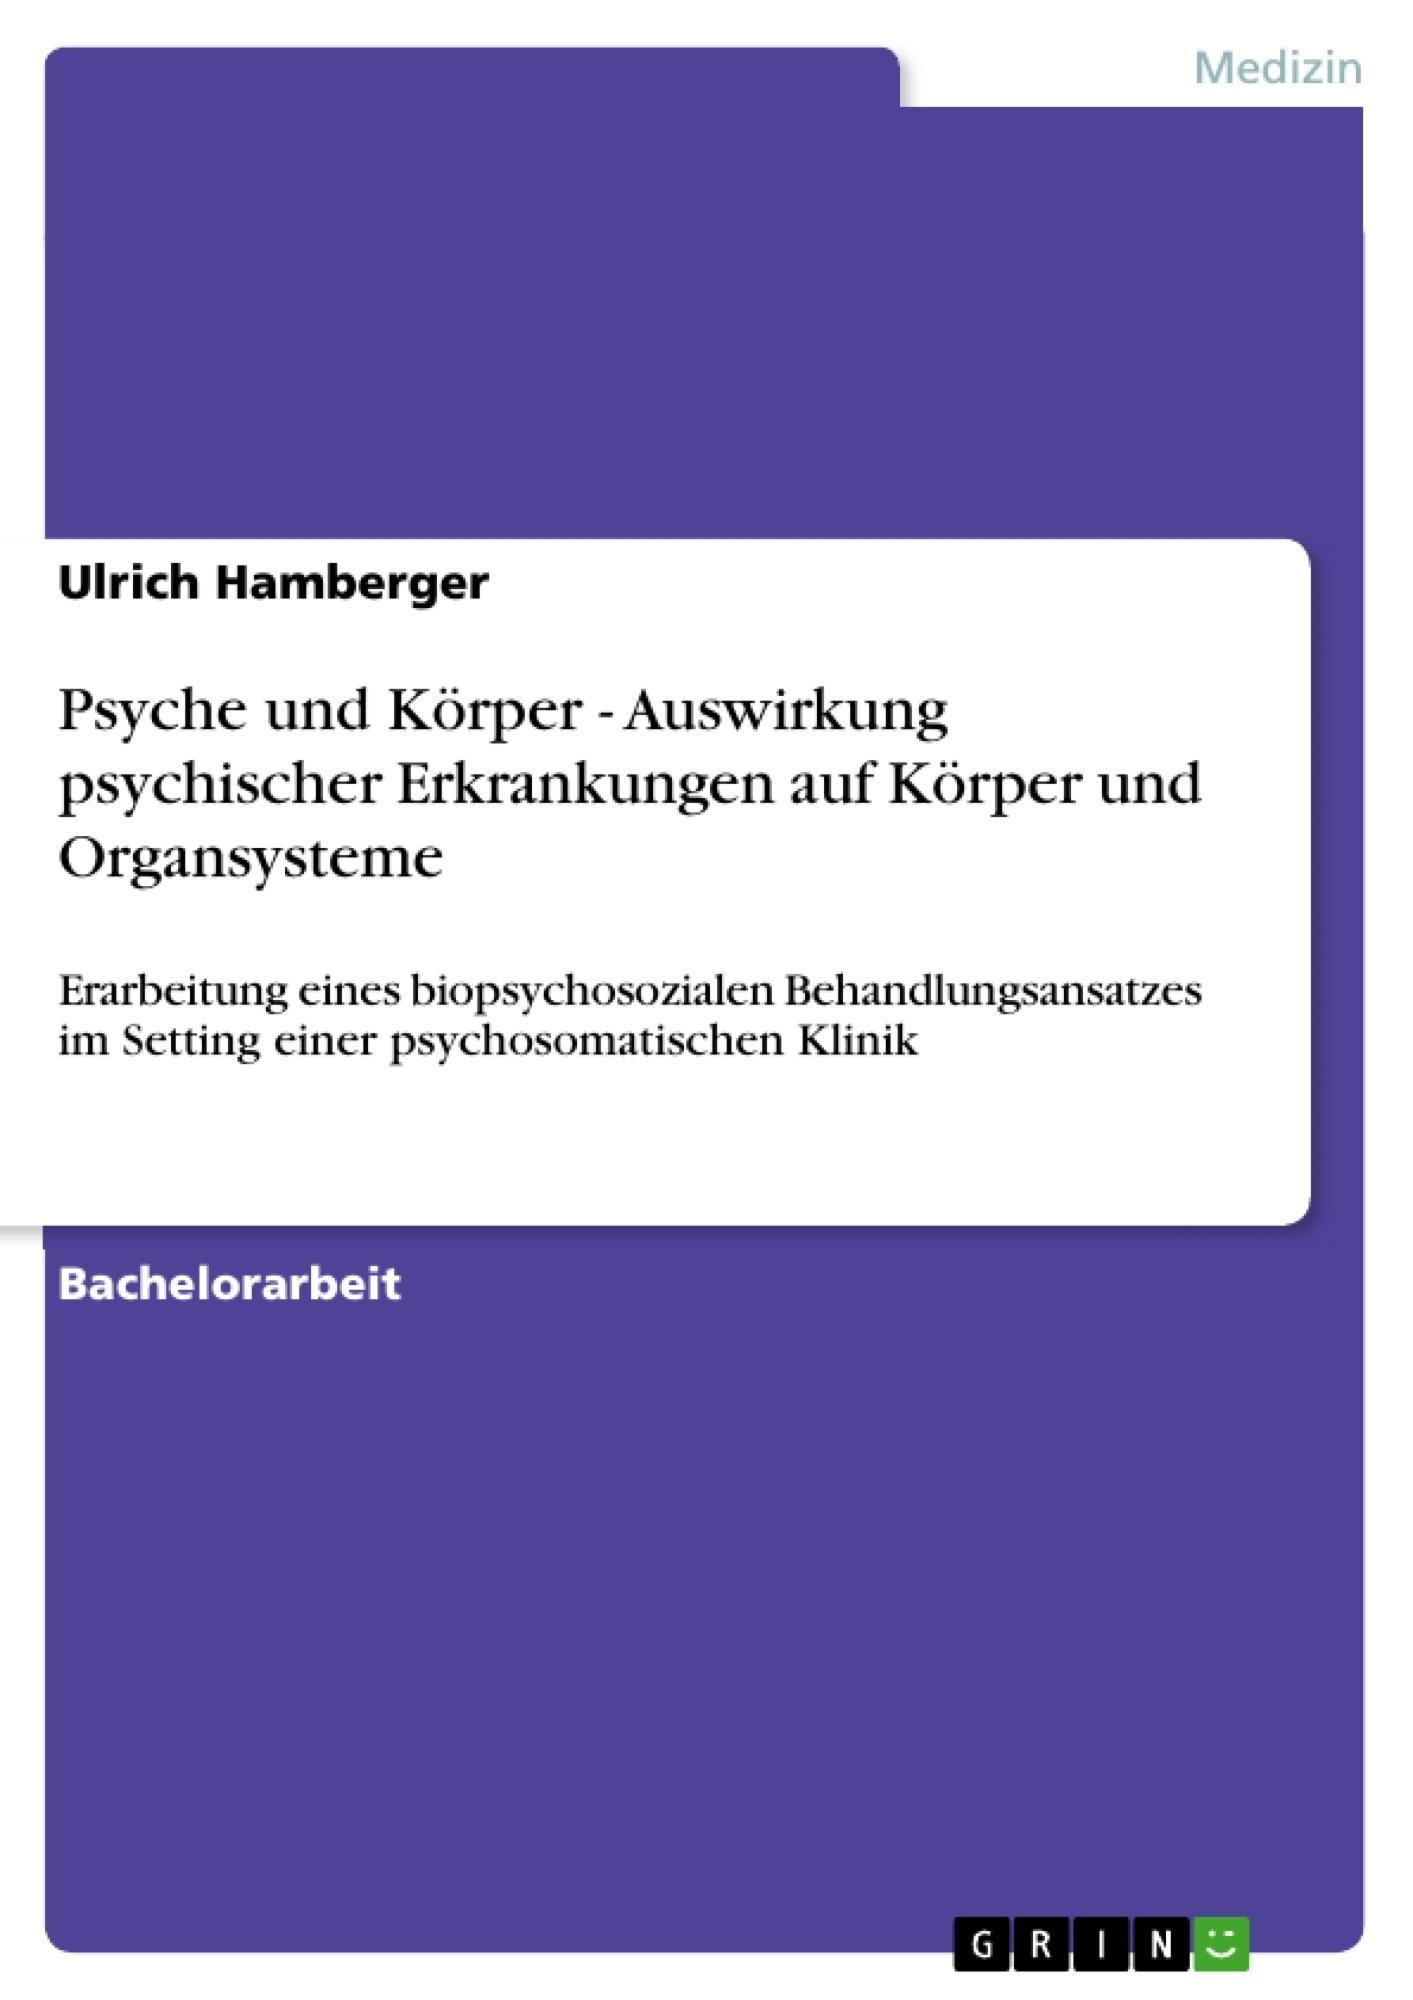 Psyche und Körper - Auswirkung psychischer Erkrankungen auf Körper ...